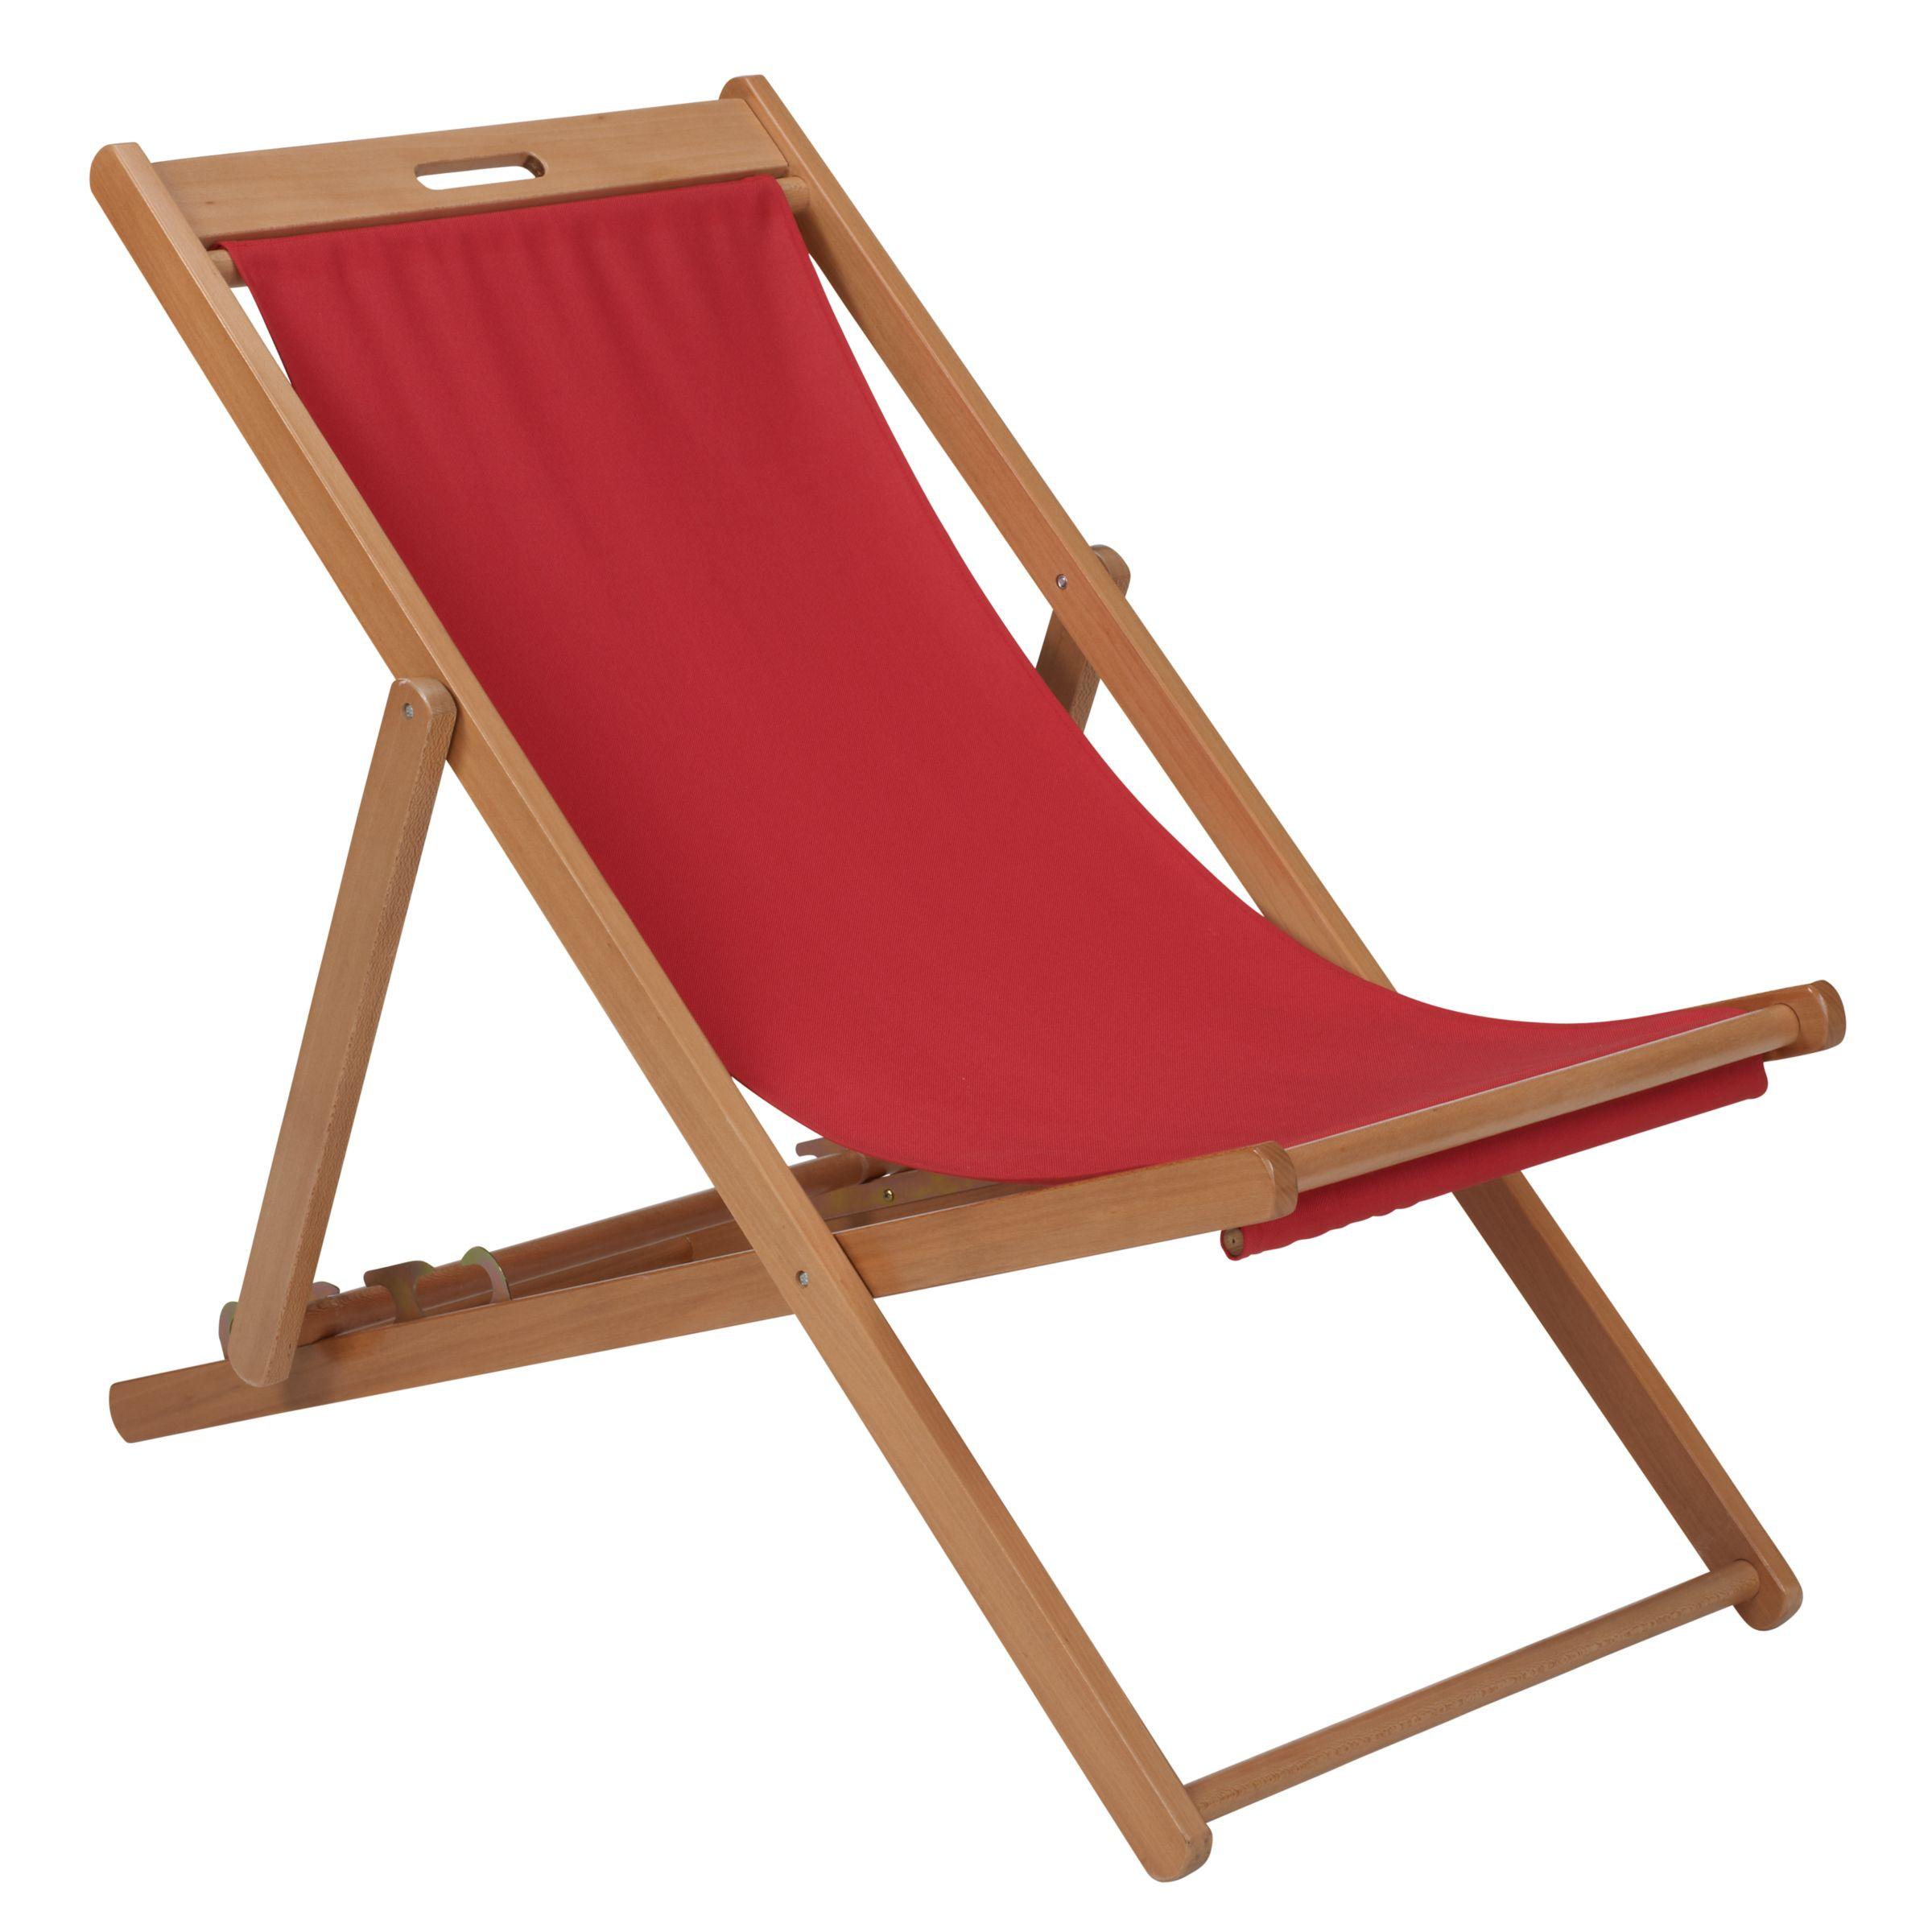 John Lewis Deckchair, Chilli